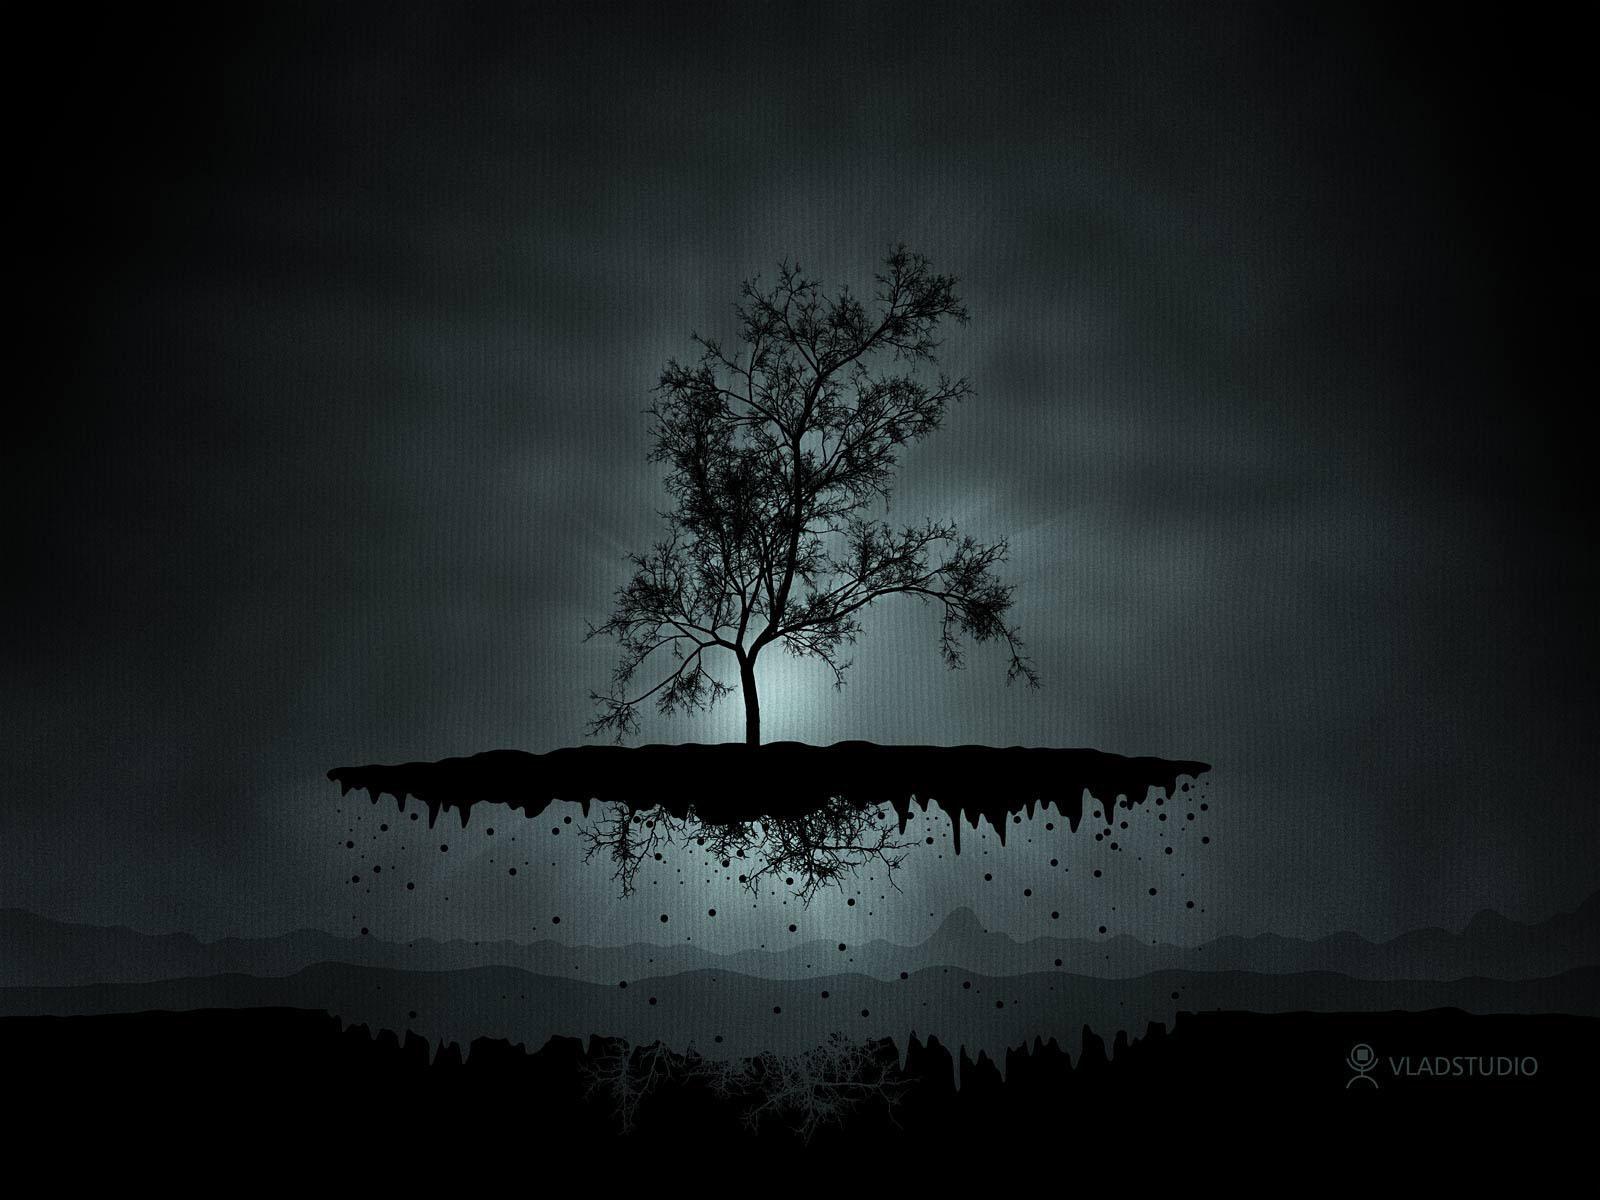 fond dcran arbre dans le ciel - Arbre Ciel